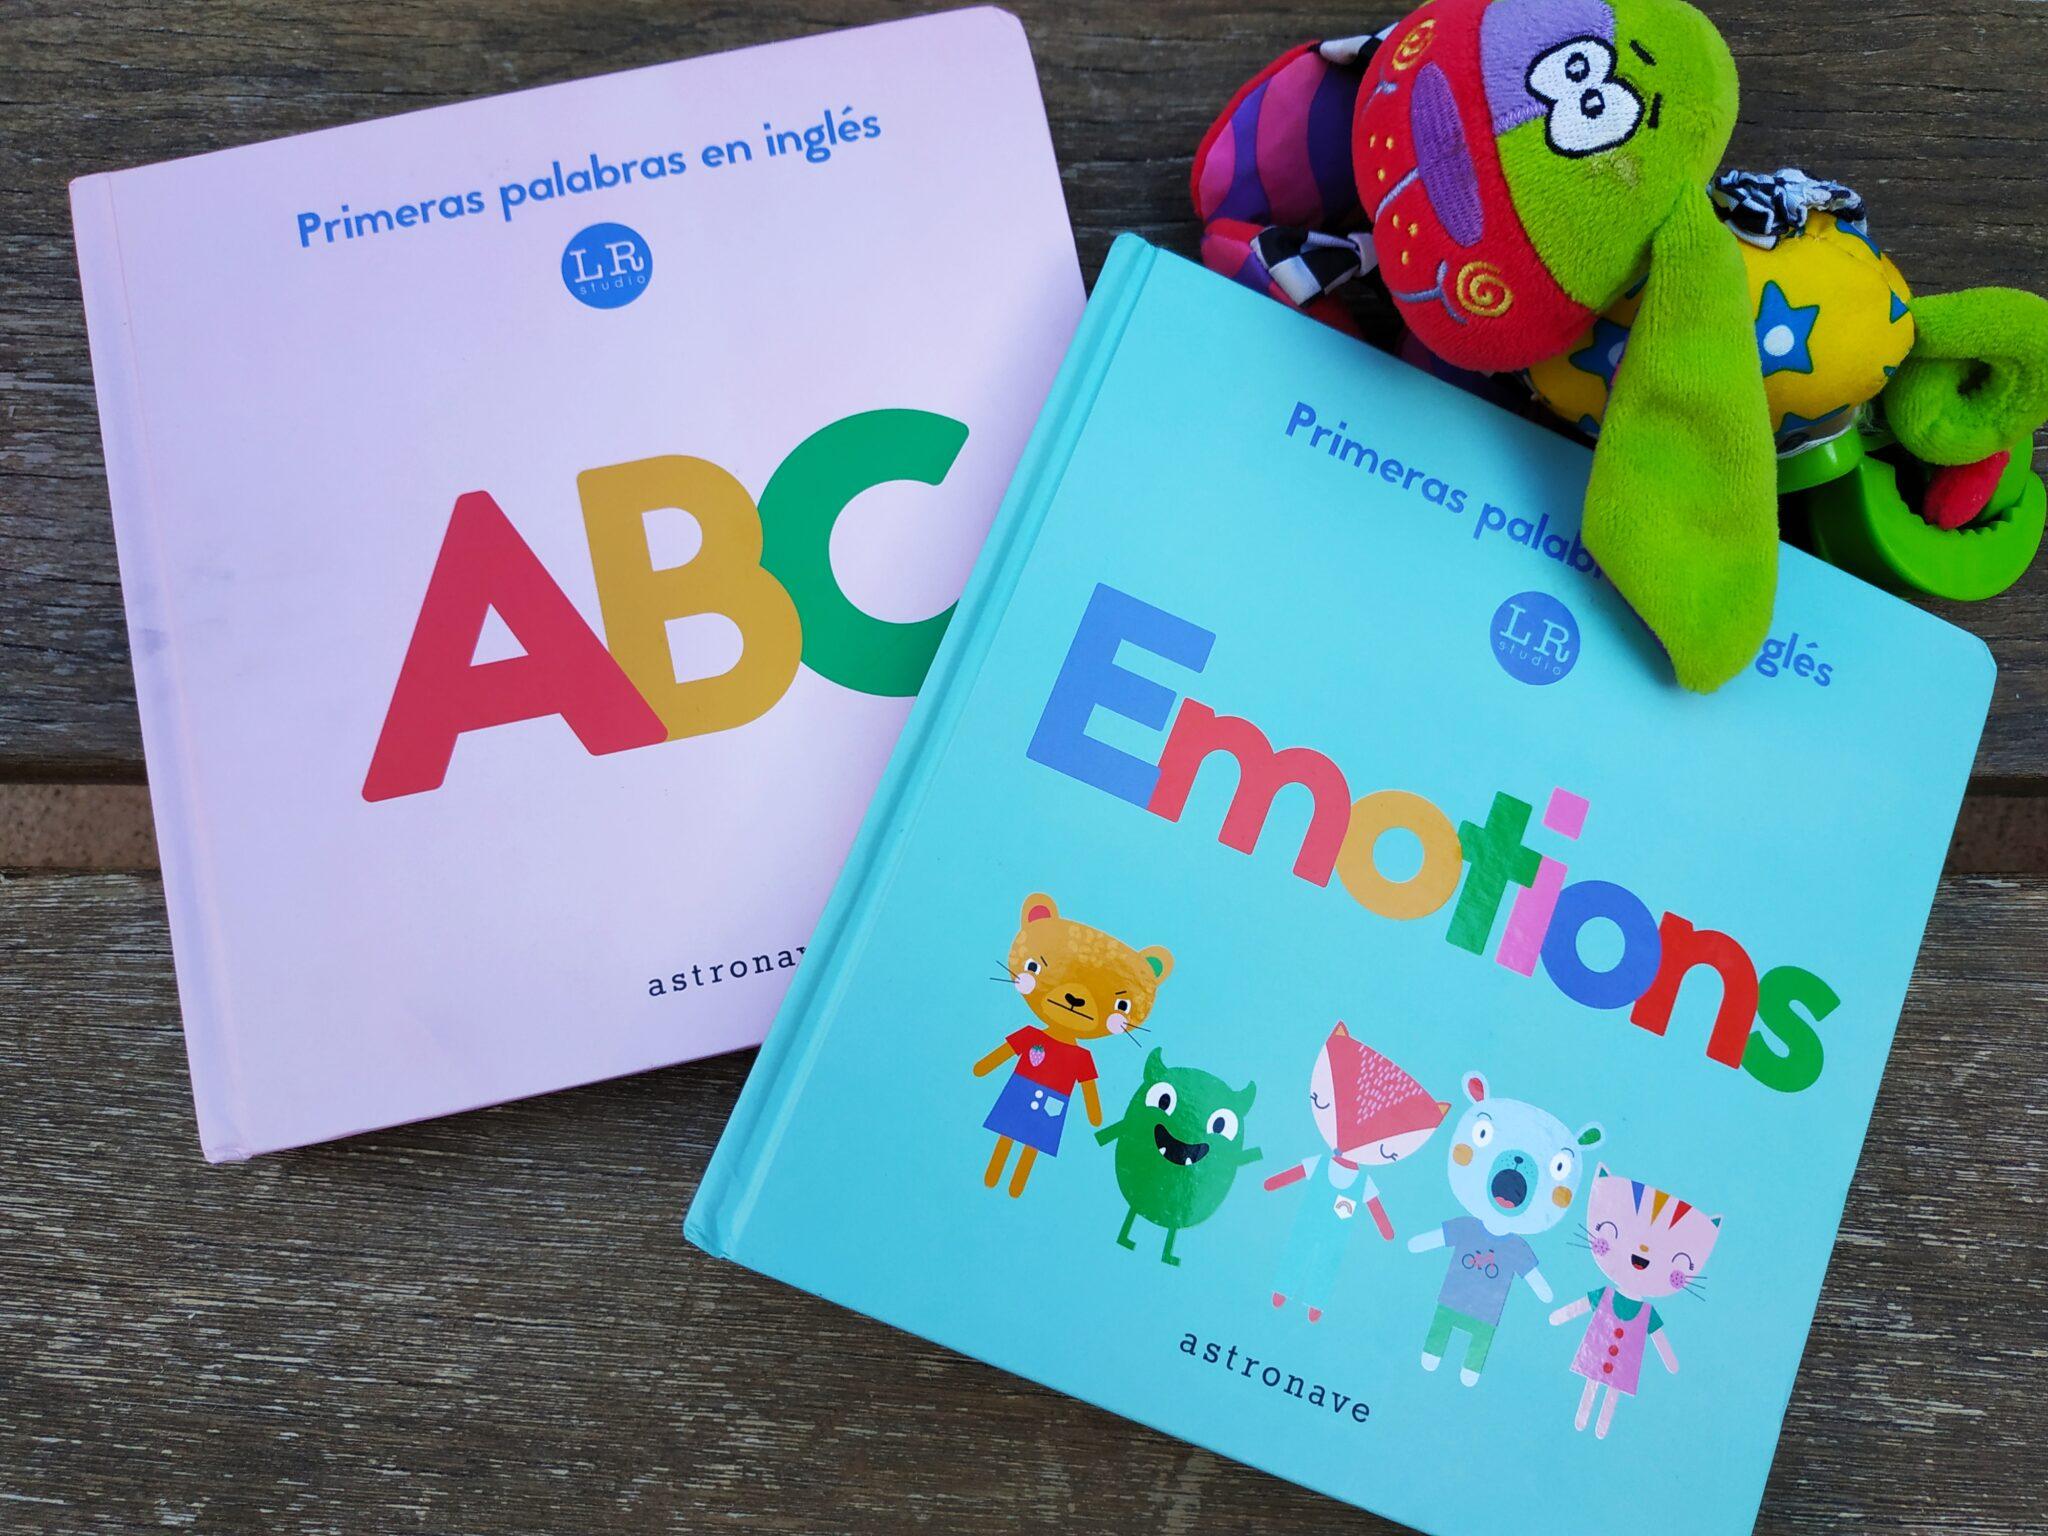 IMG 20191001 123217 - Letras y emociones en inglés para niños